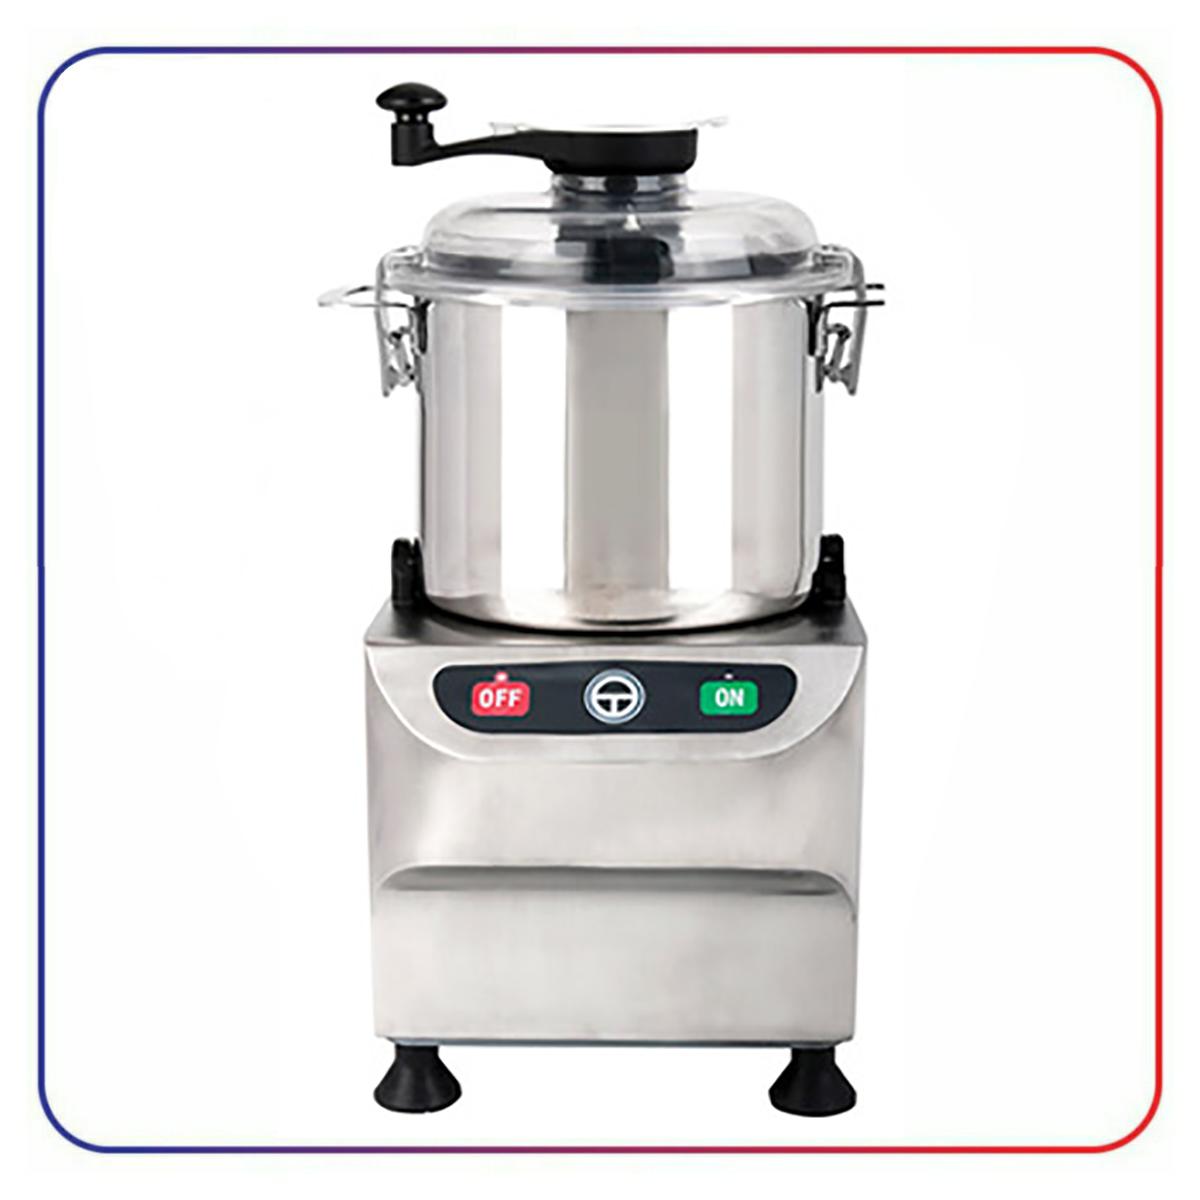 غذاساز-صنعتی-12-لیتری